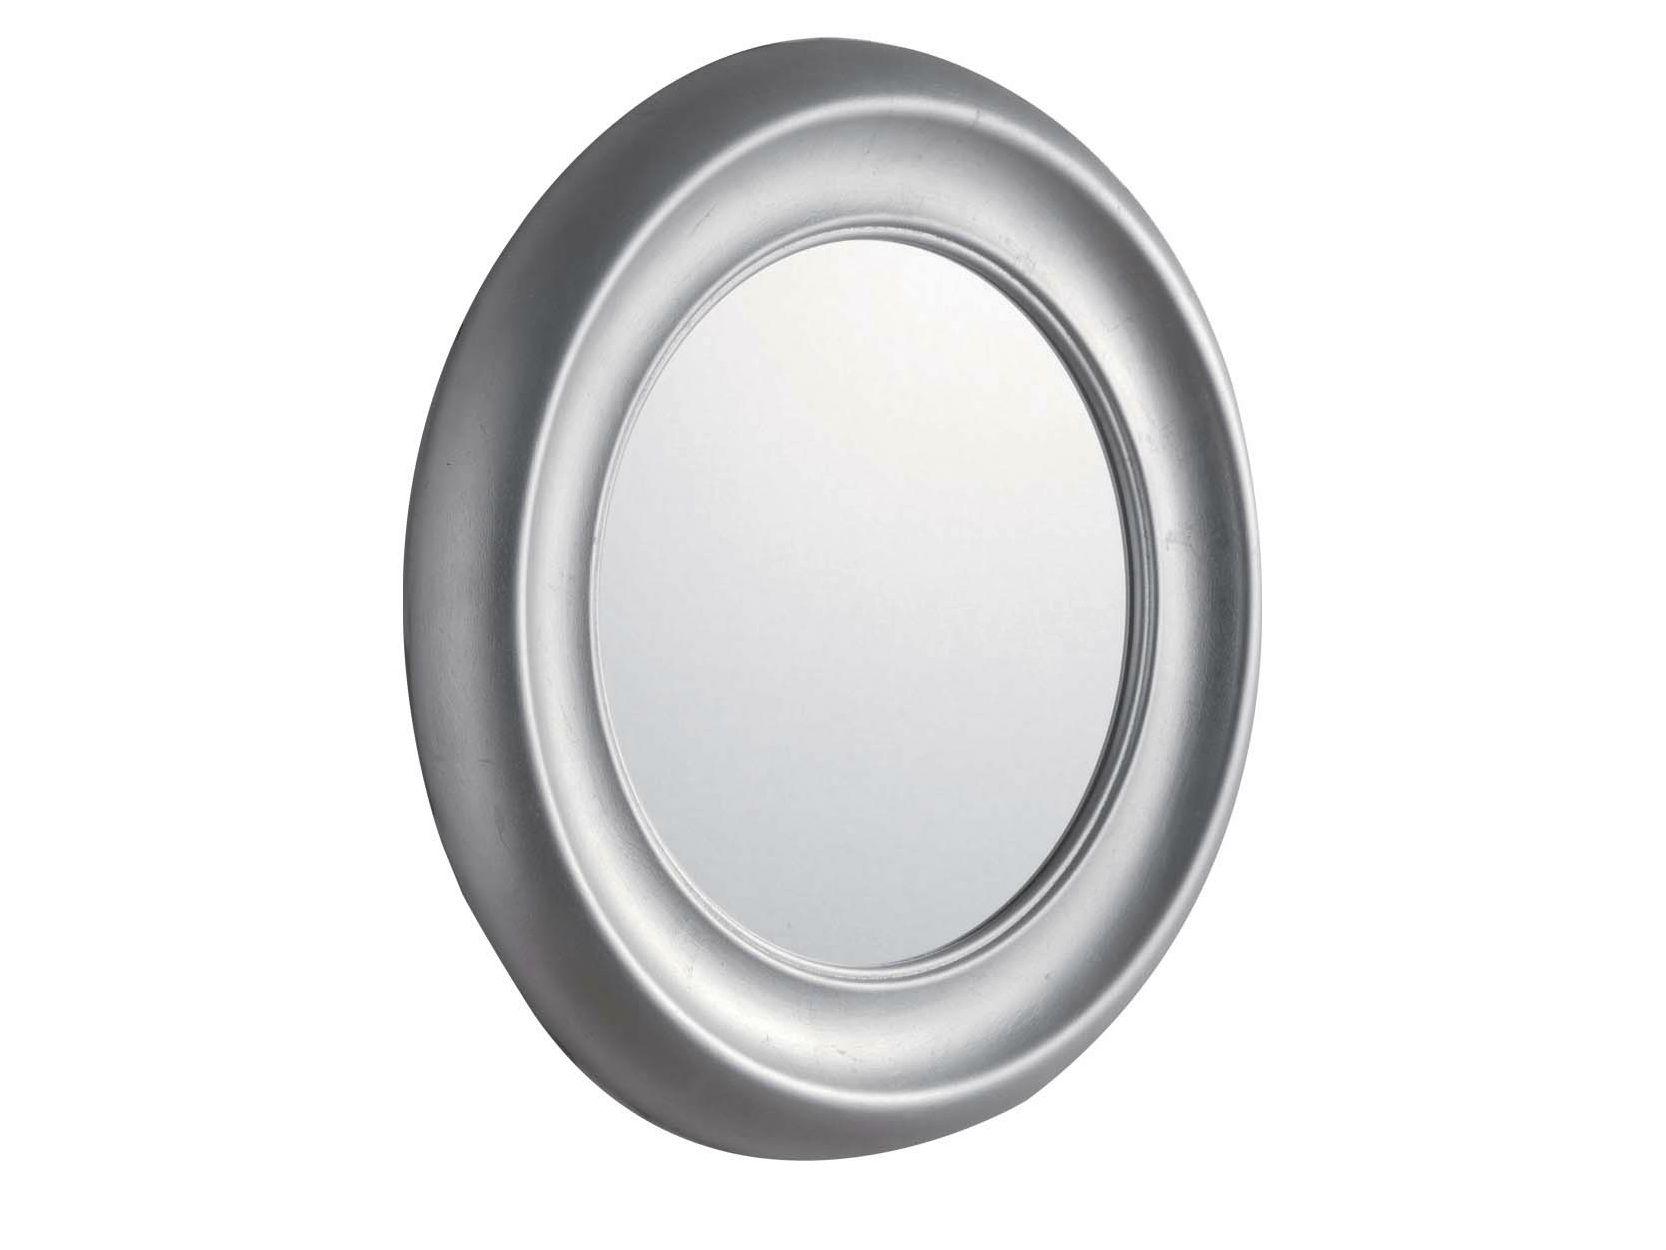 Miroir rond avec cadre pour salle de bain moon by gentry home for Miroir pour salle de bain